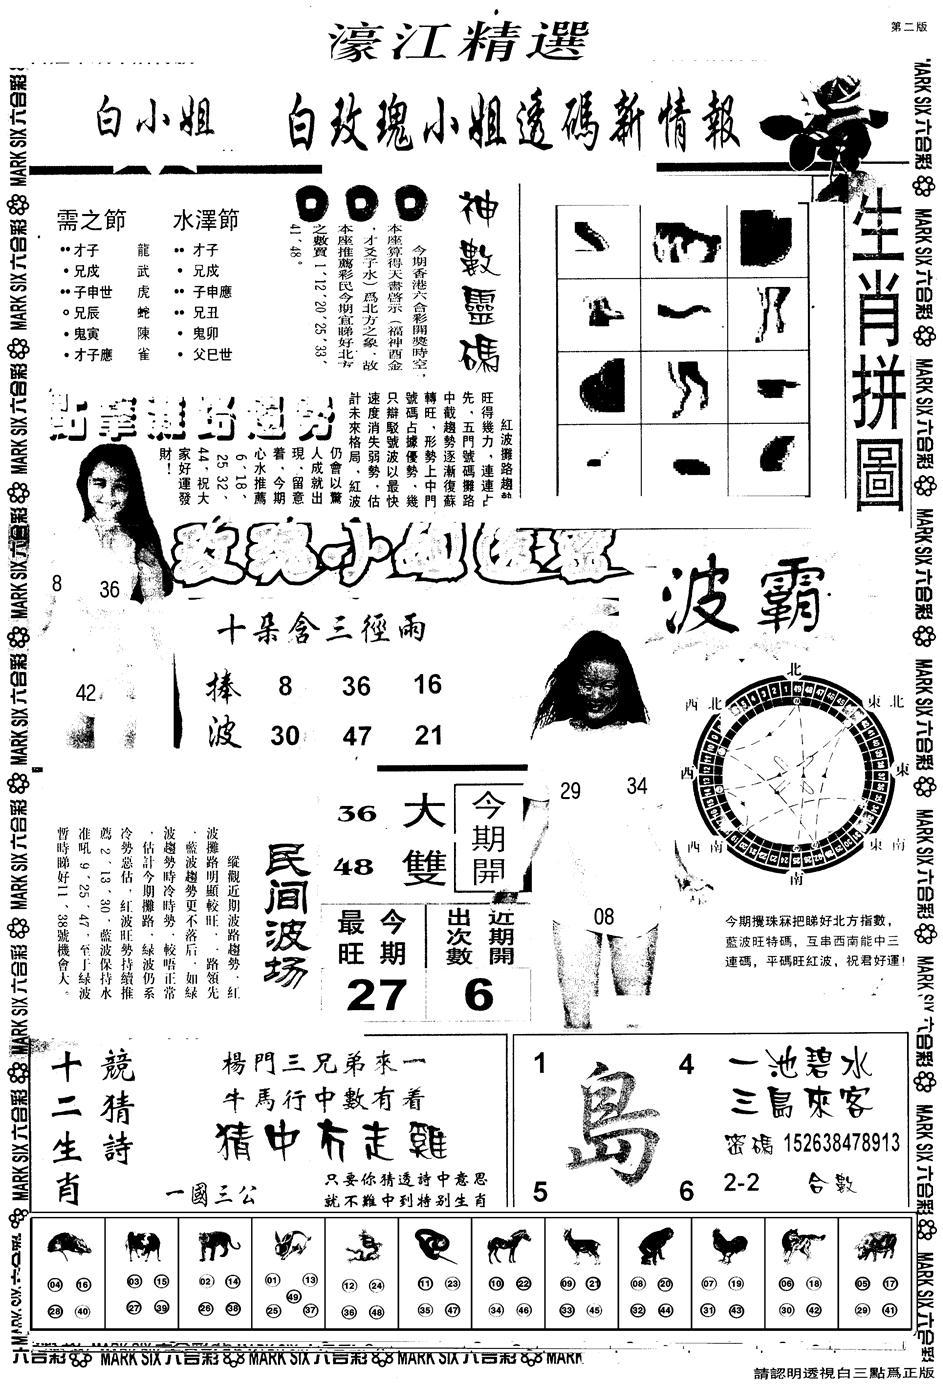 076期另版濠江精选B(黑白)